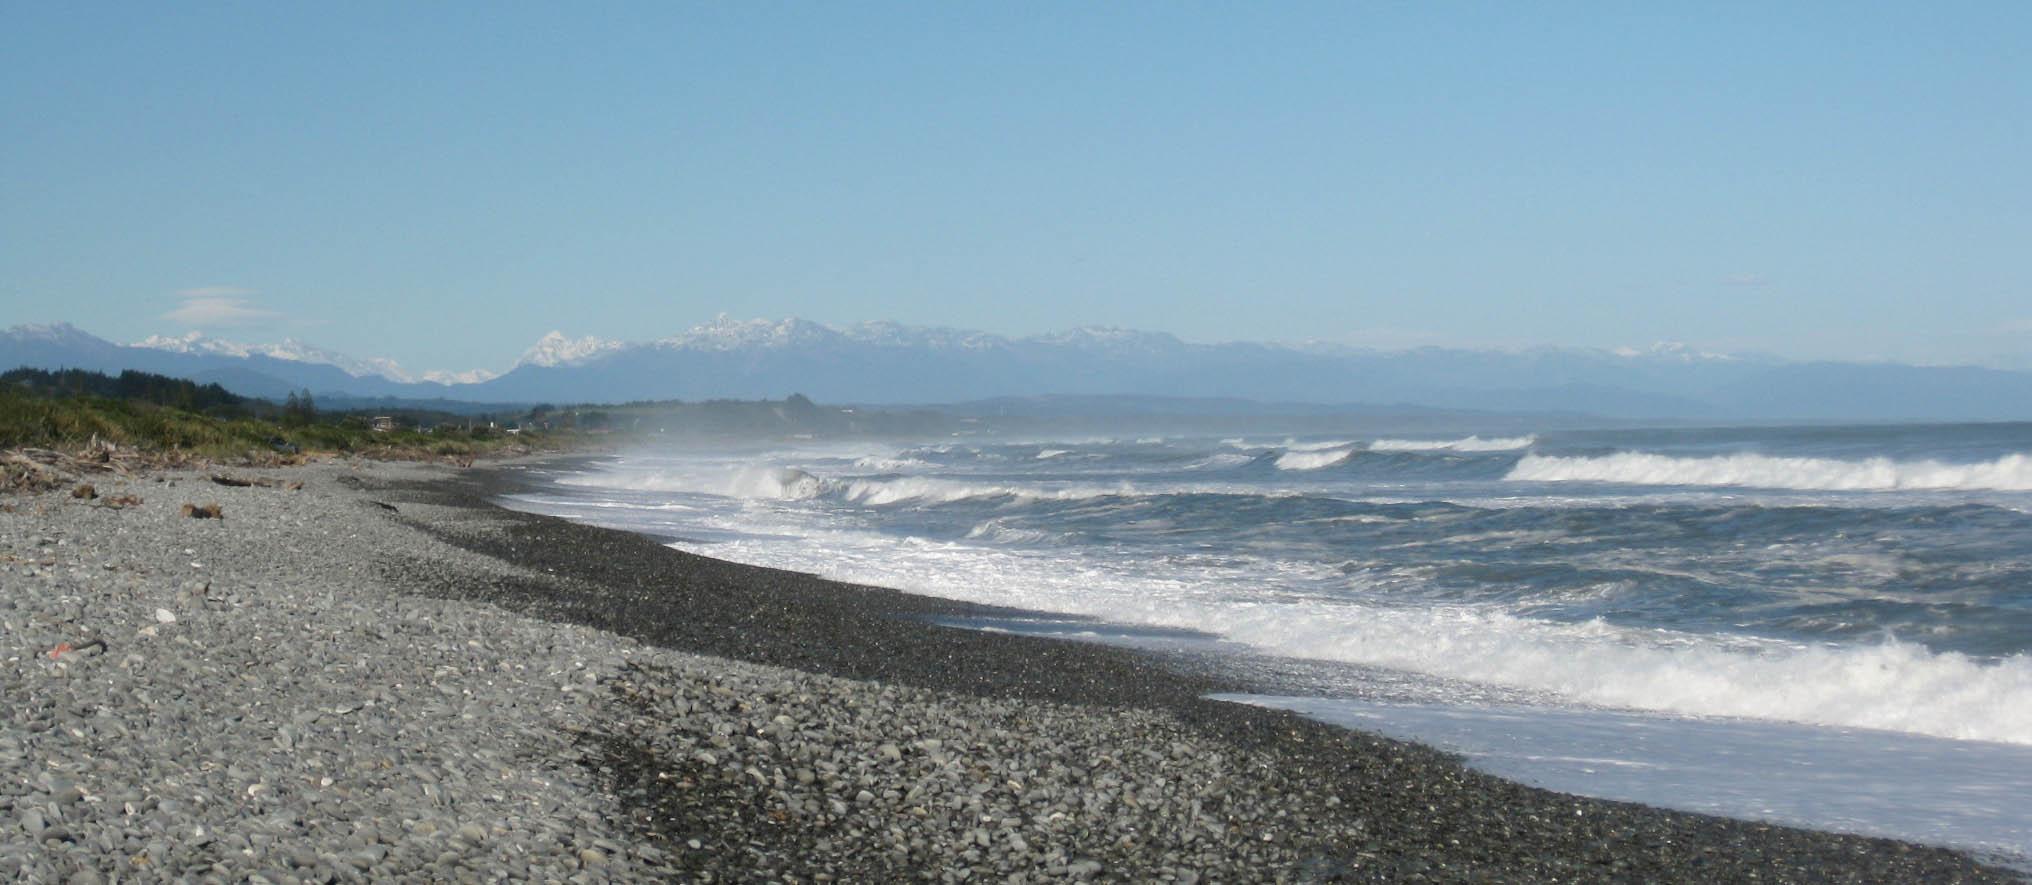 Nouvelle Zélande - Greymouth et Arthur's pass - les lubies de louise (1 sur 21)